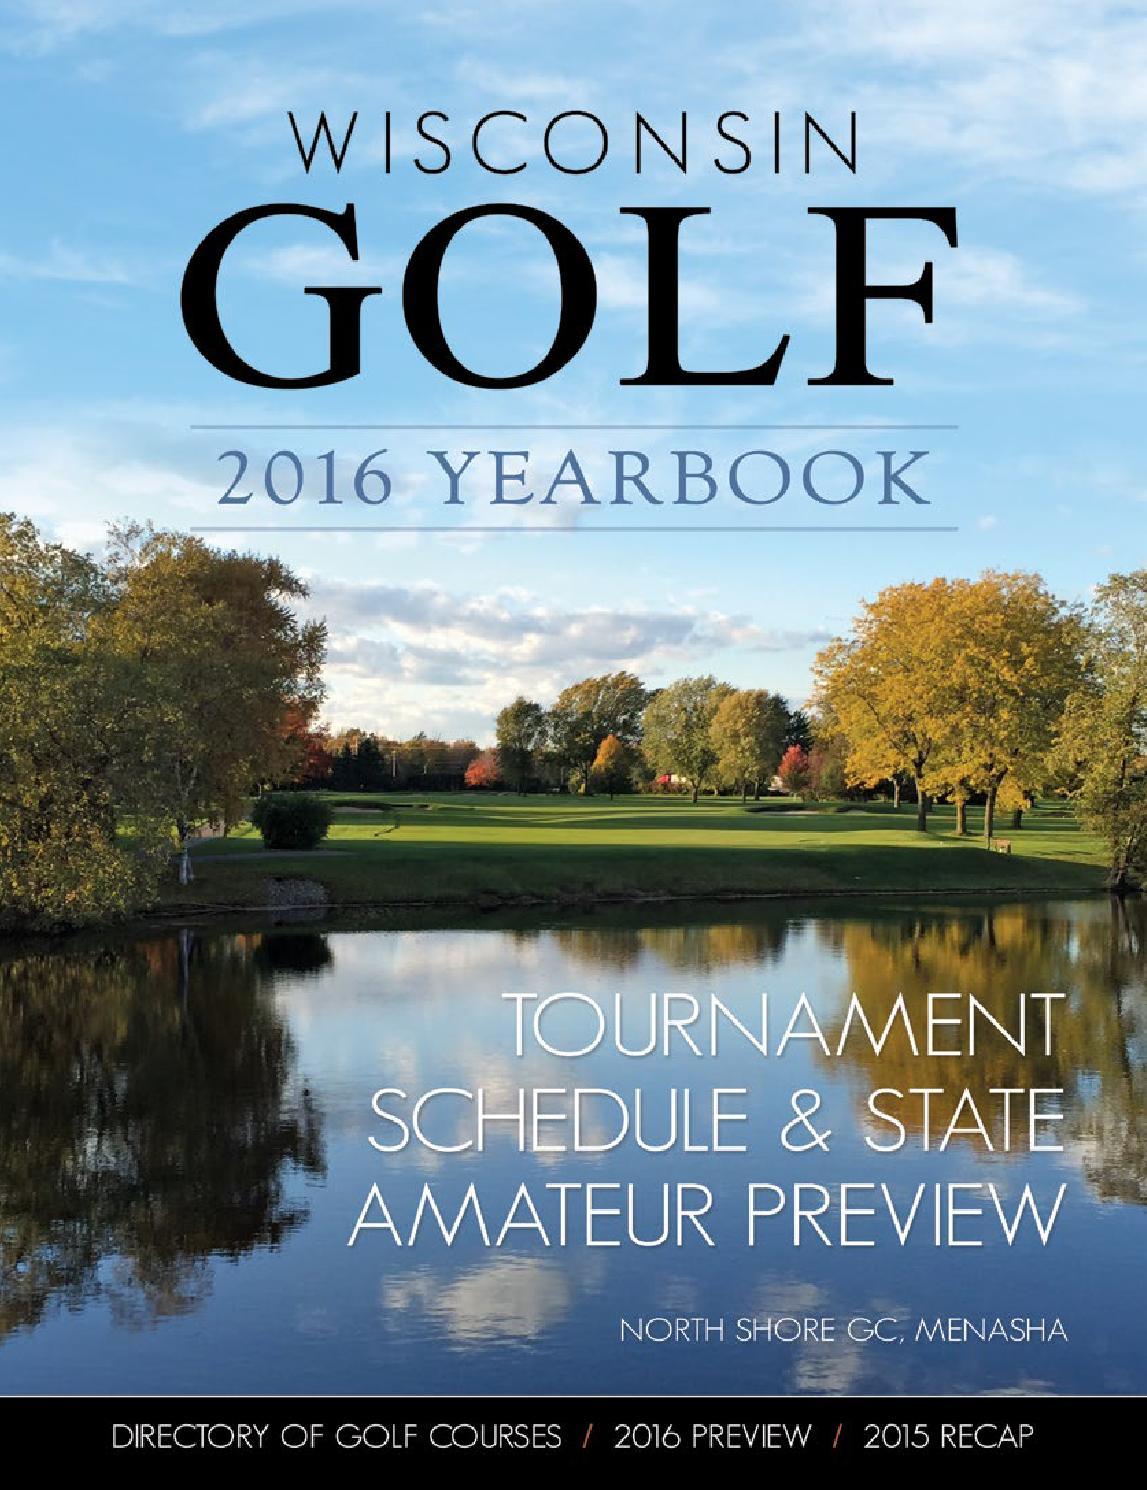 Wisconsin Golf 2016 Yearbook